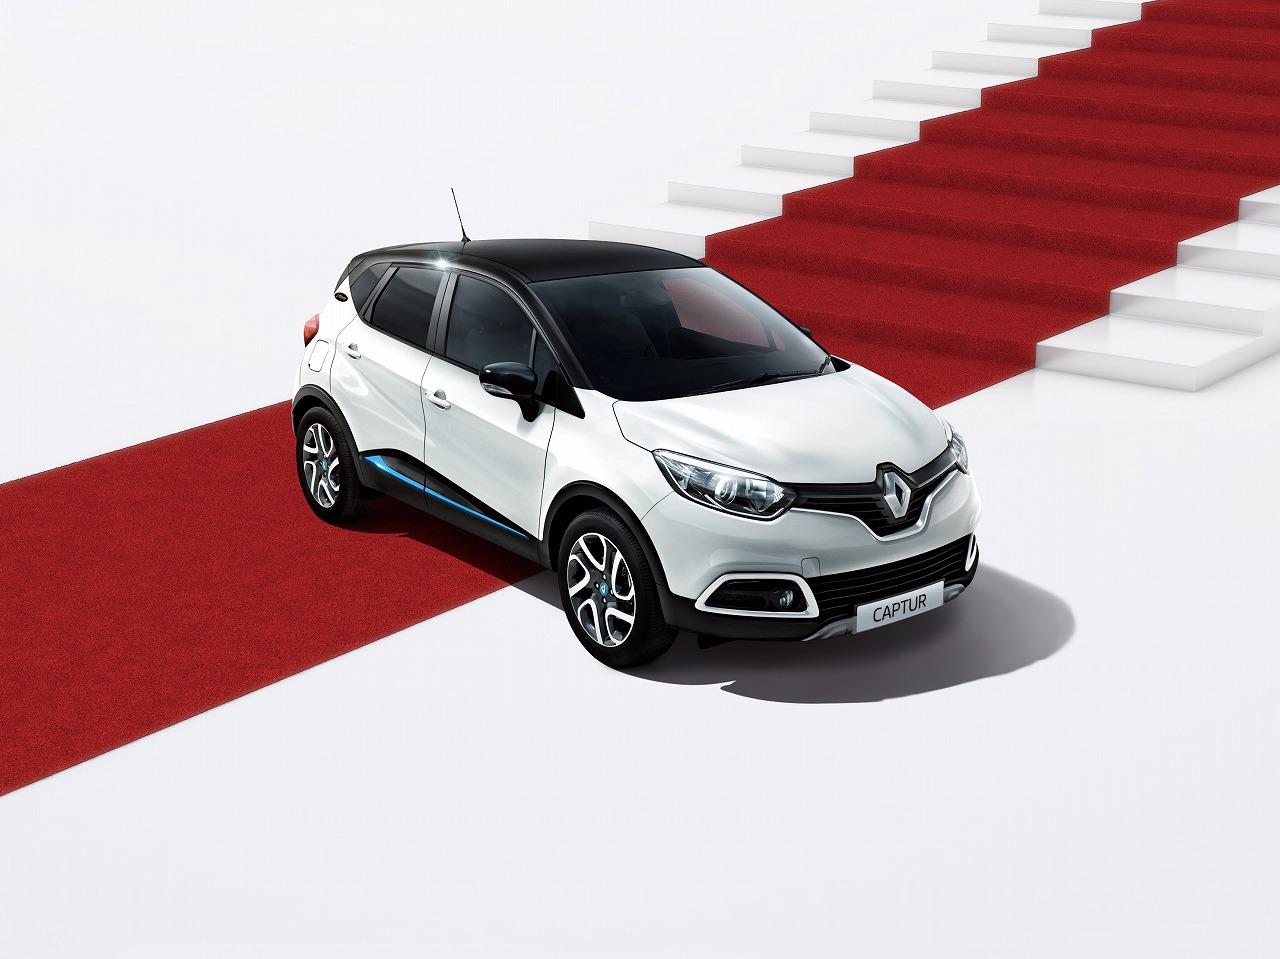 ルノー、7カンヌ映画祭の名前を冠したキャプチャーの限定車を発売